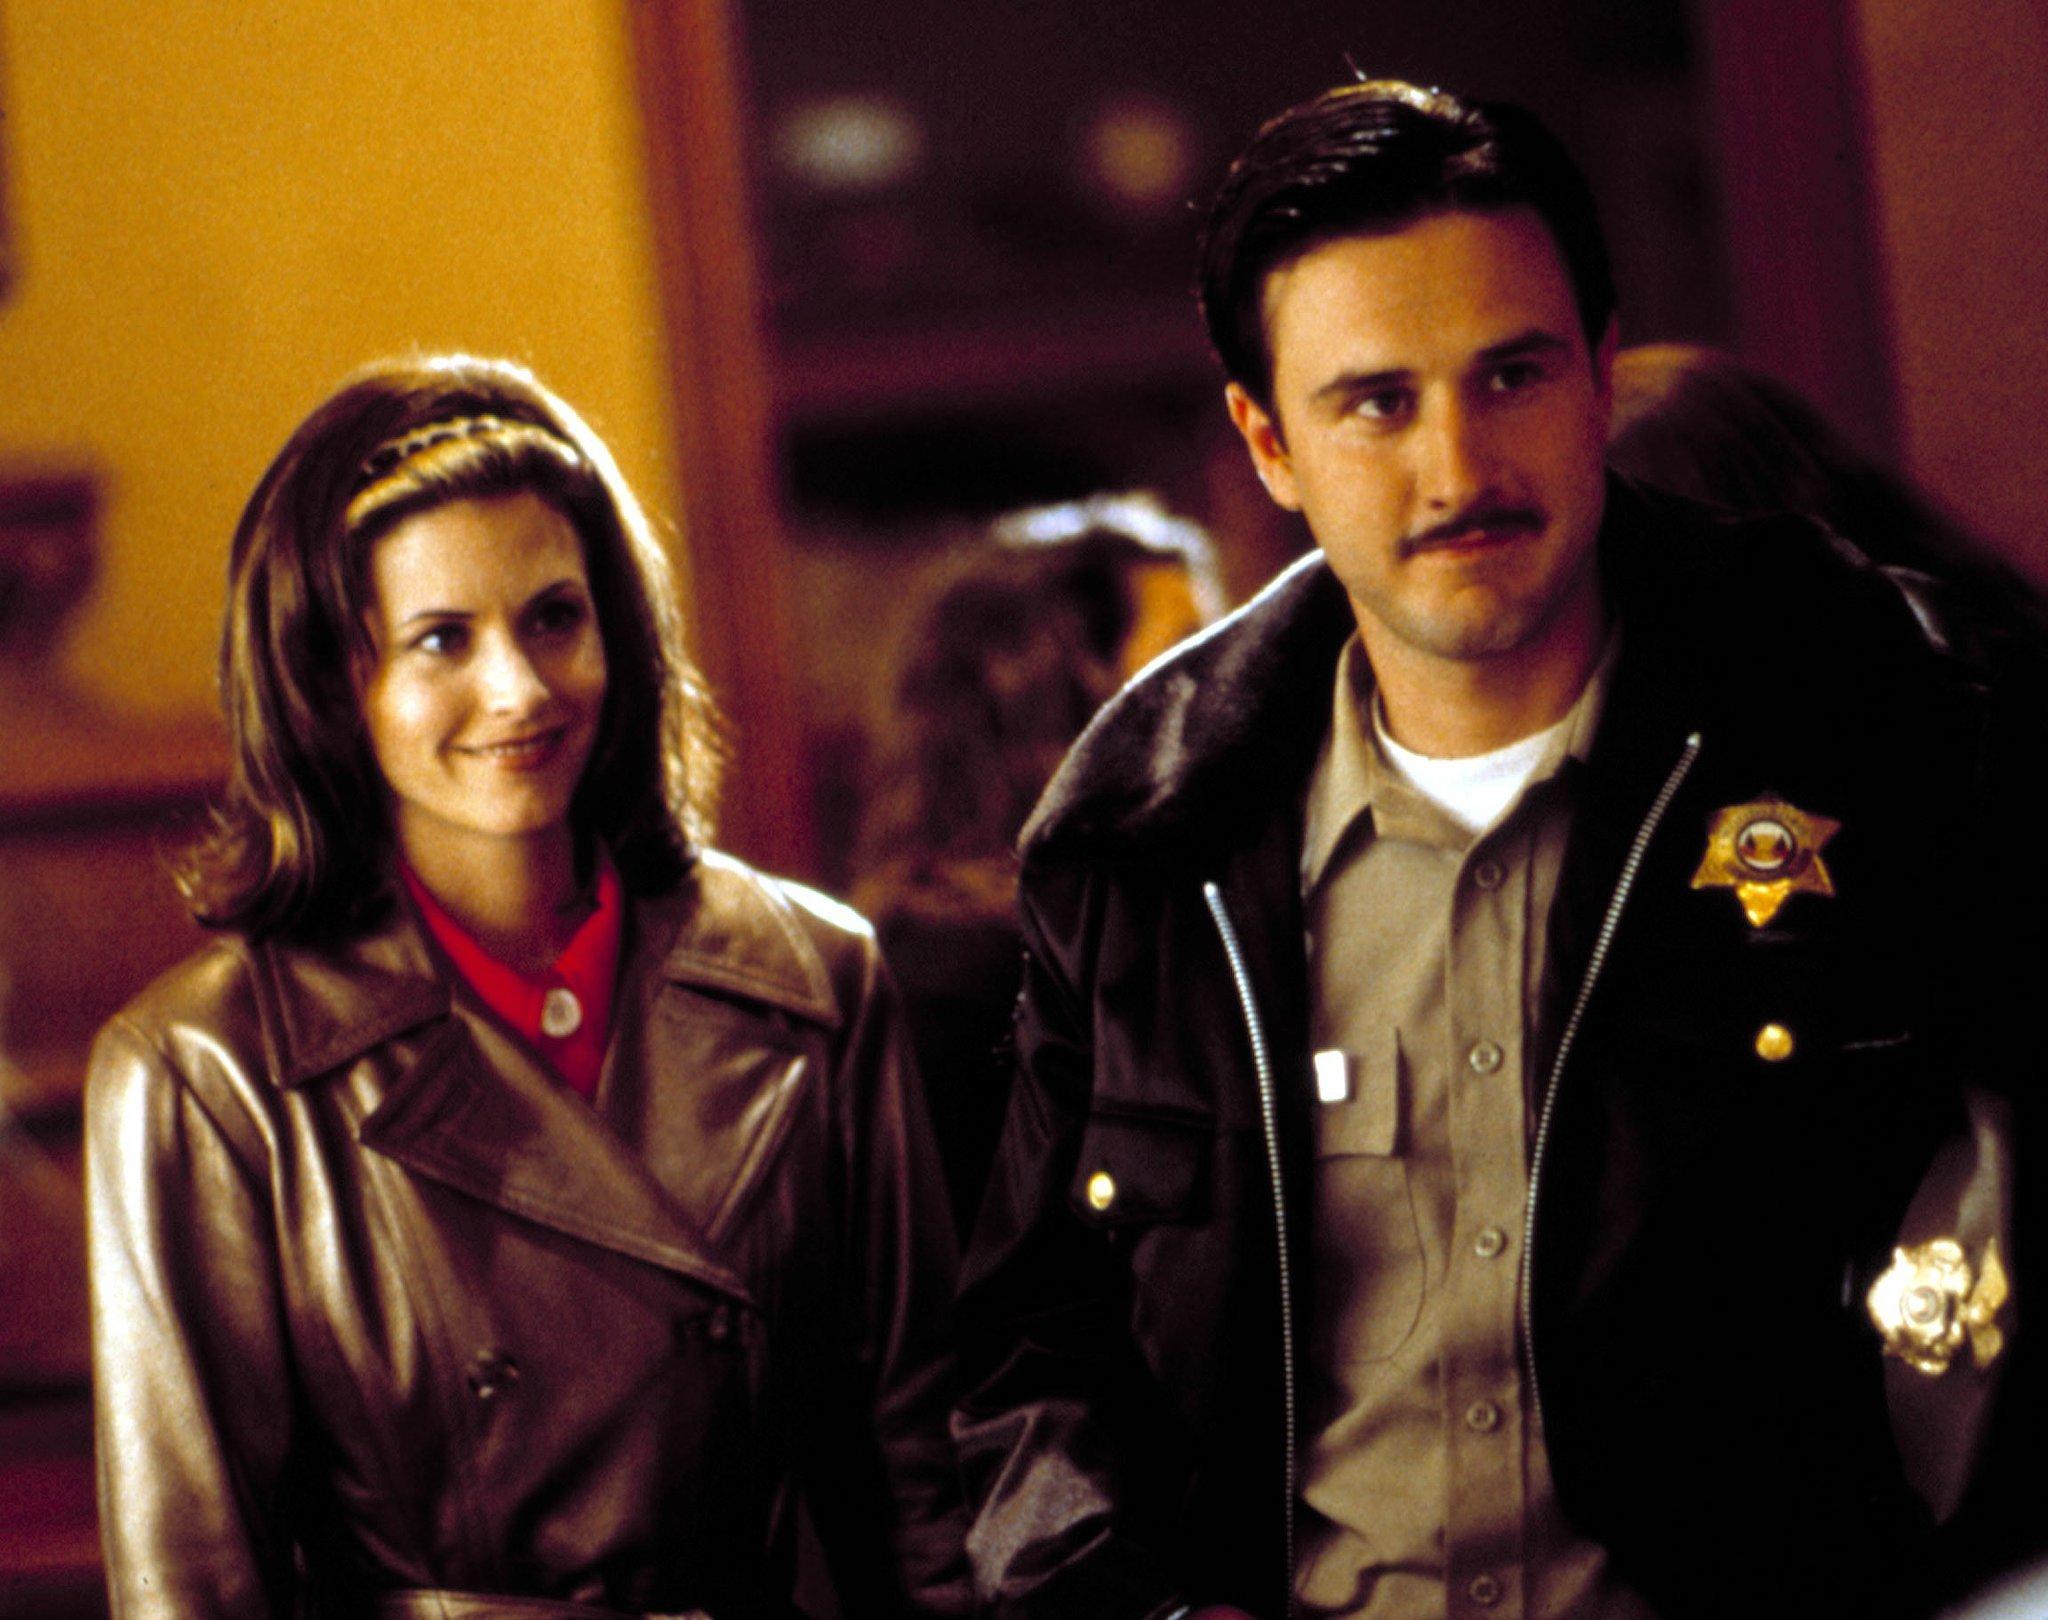 David Arquette and Courteney Cox, Scream